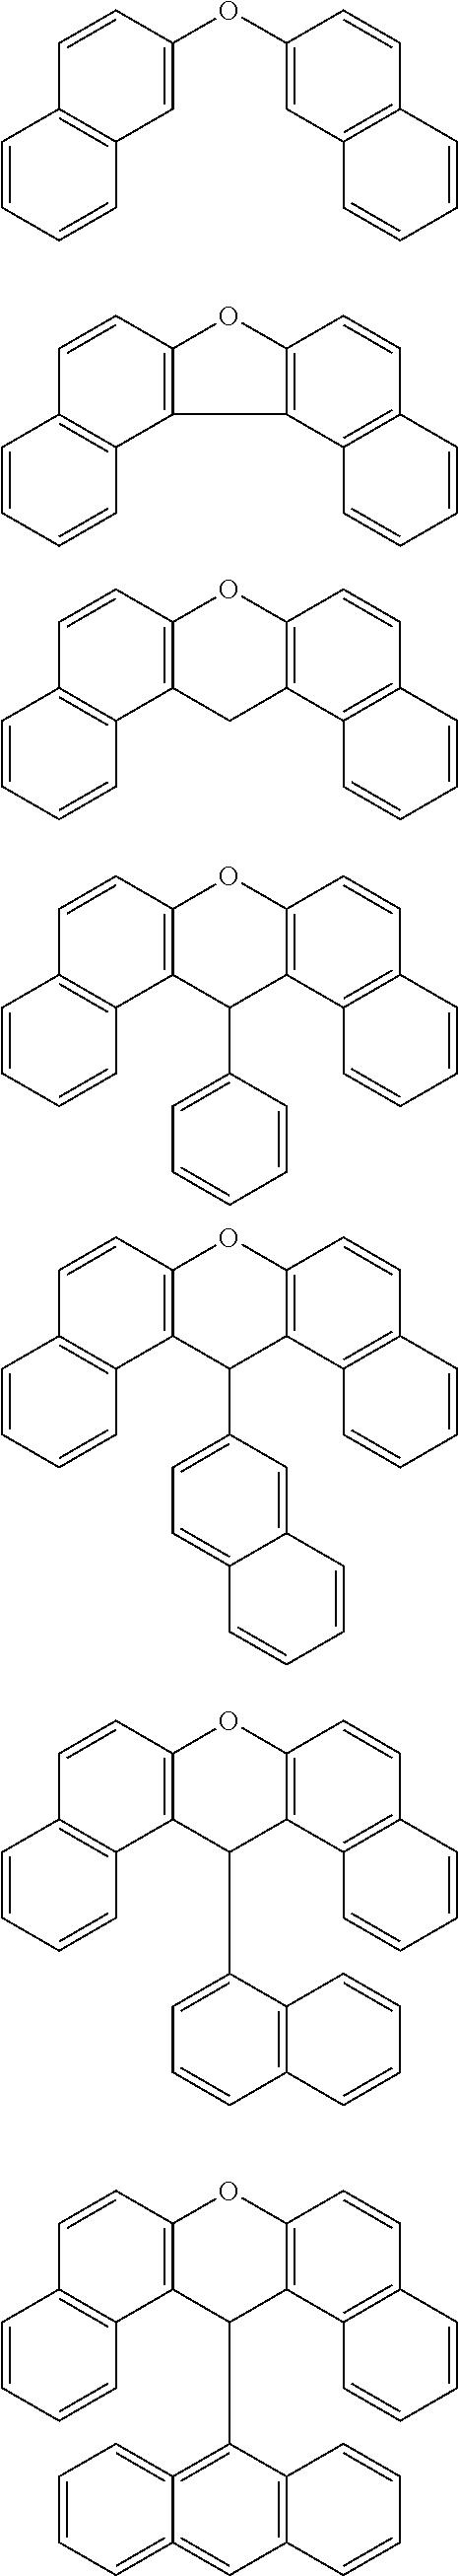 Figure US08795955-20140805-C00008